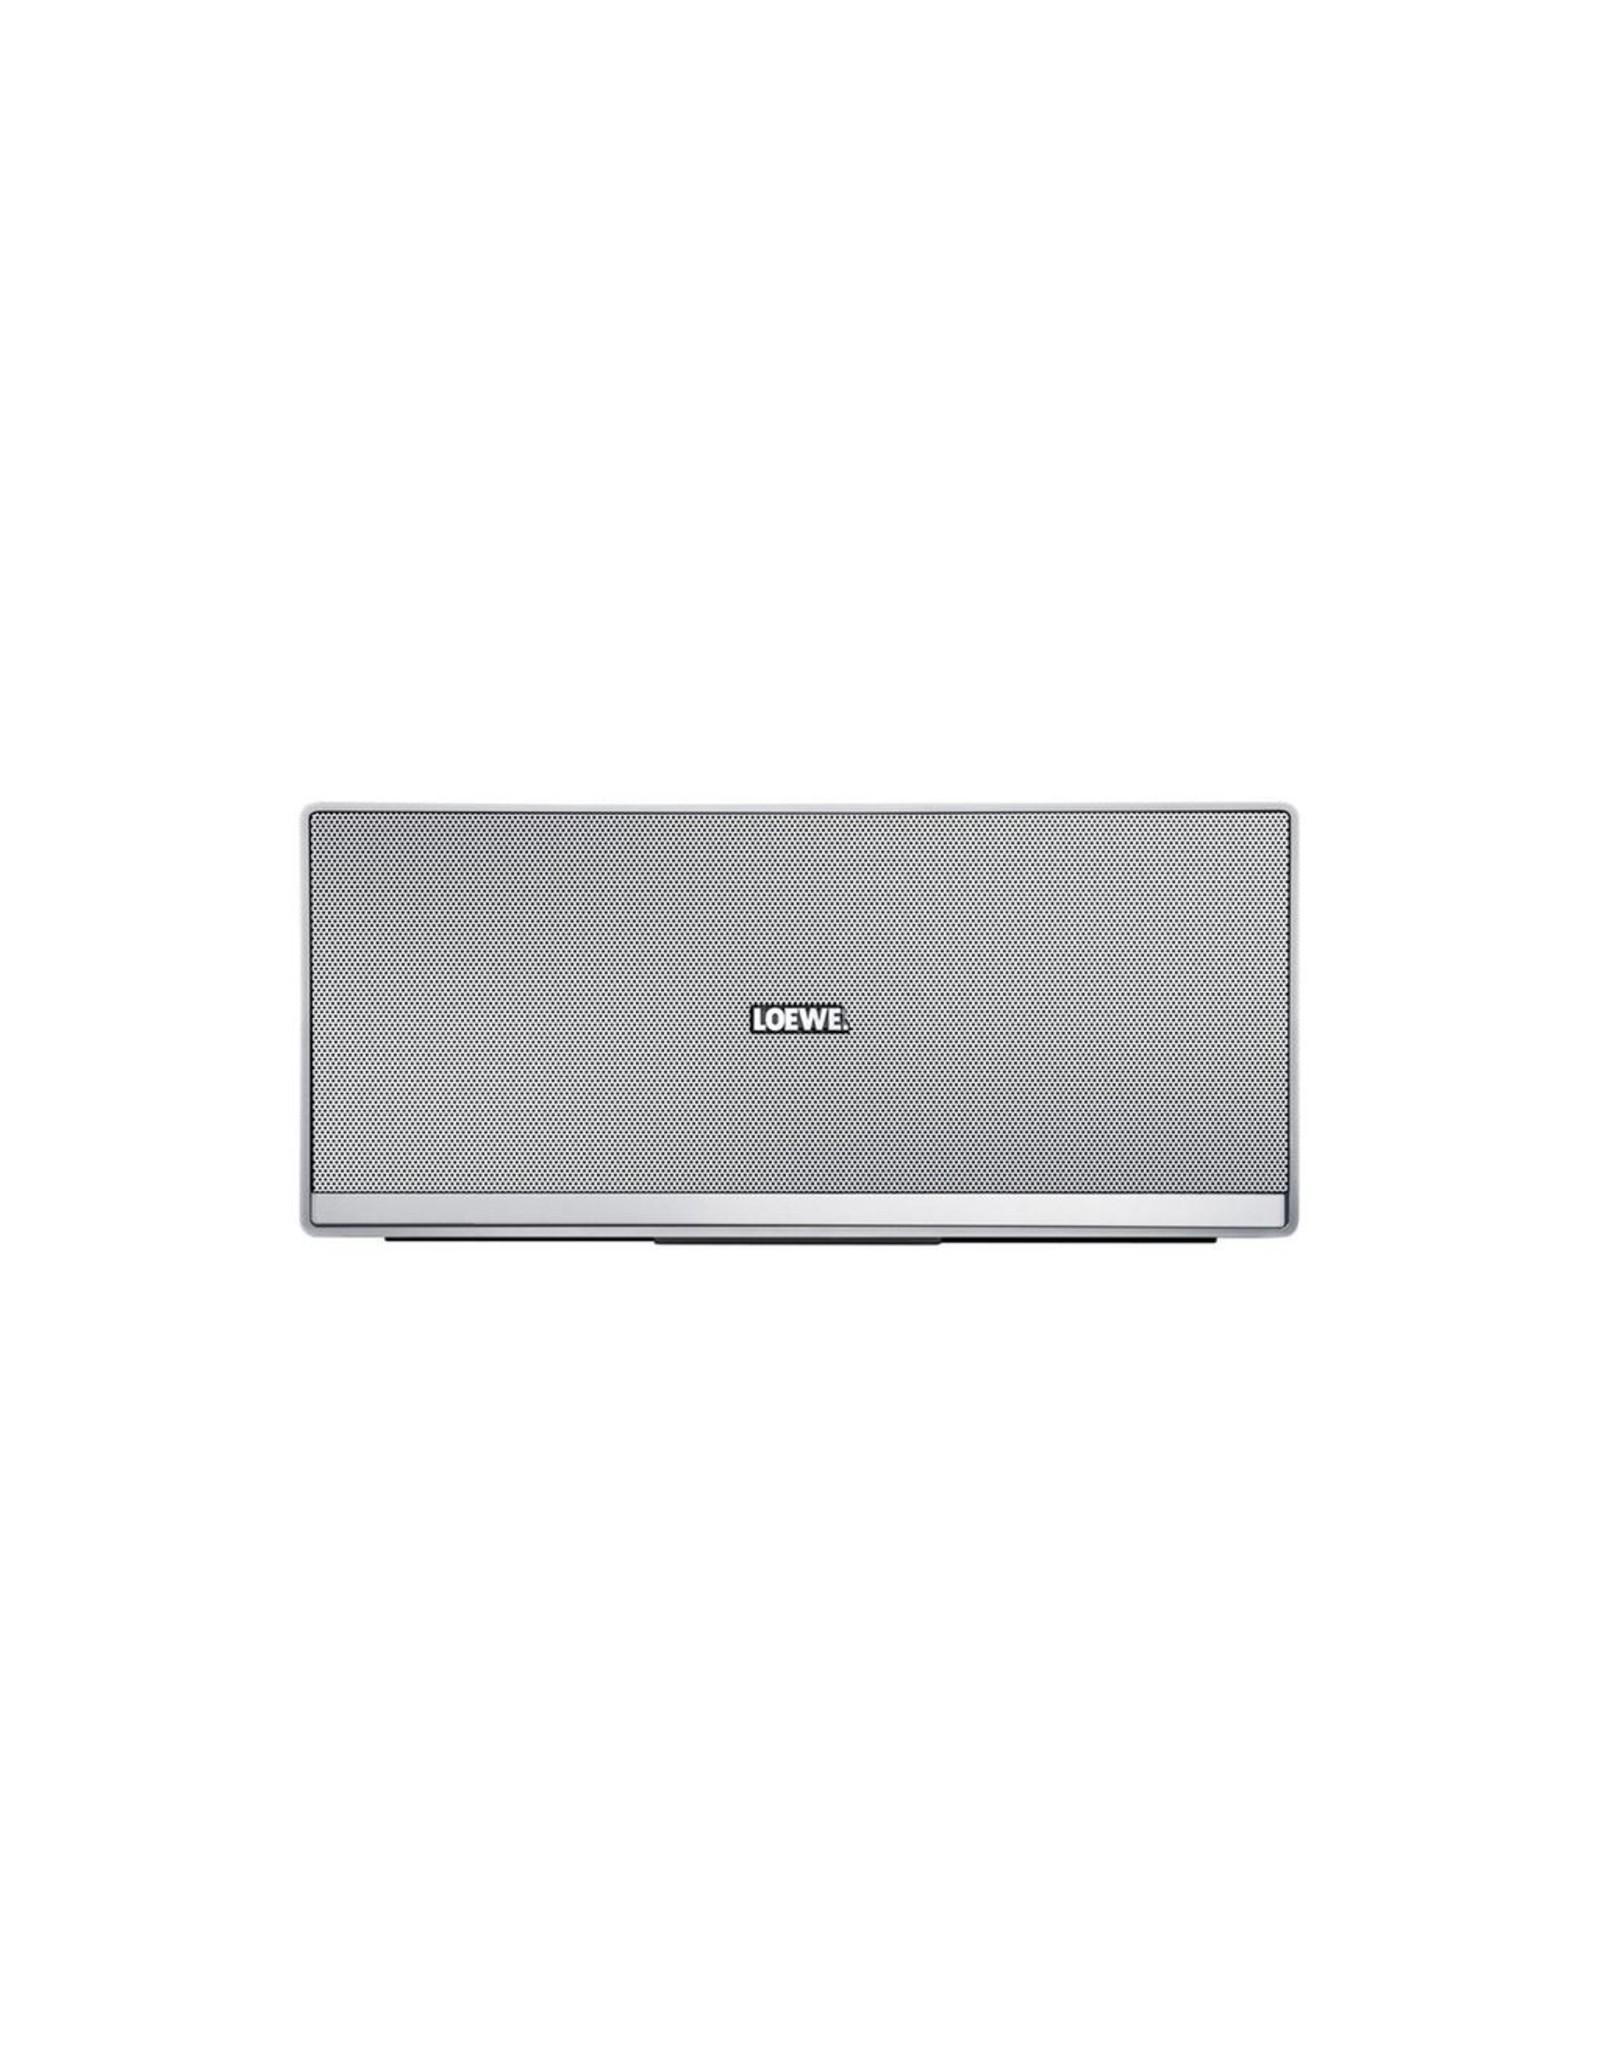 LOEWE LOEWE Speaker-2-Go Bluetooth Speaker, SILVER